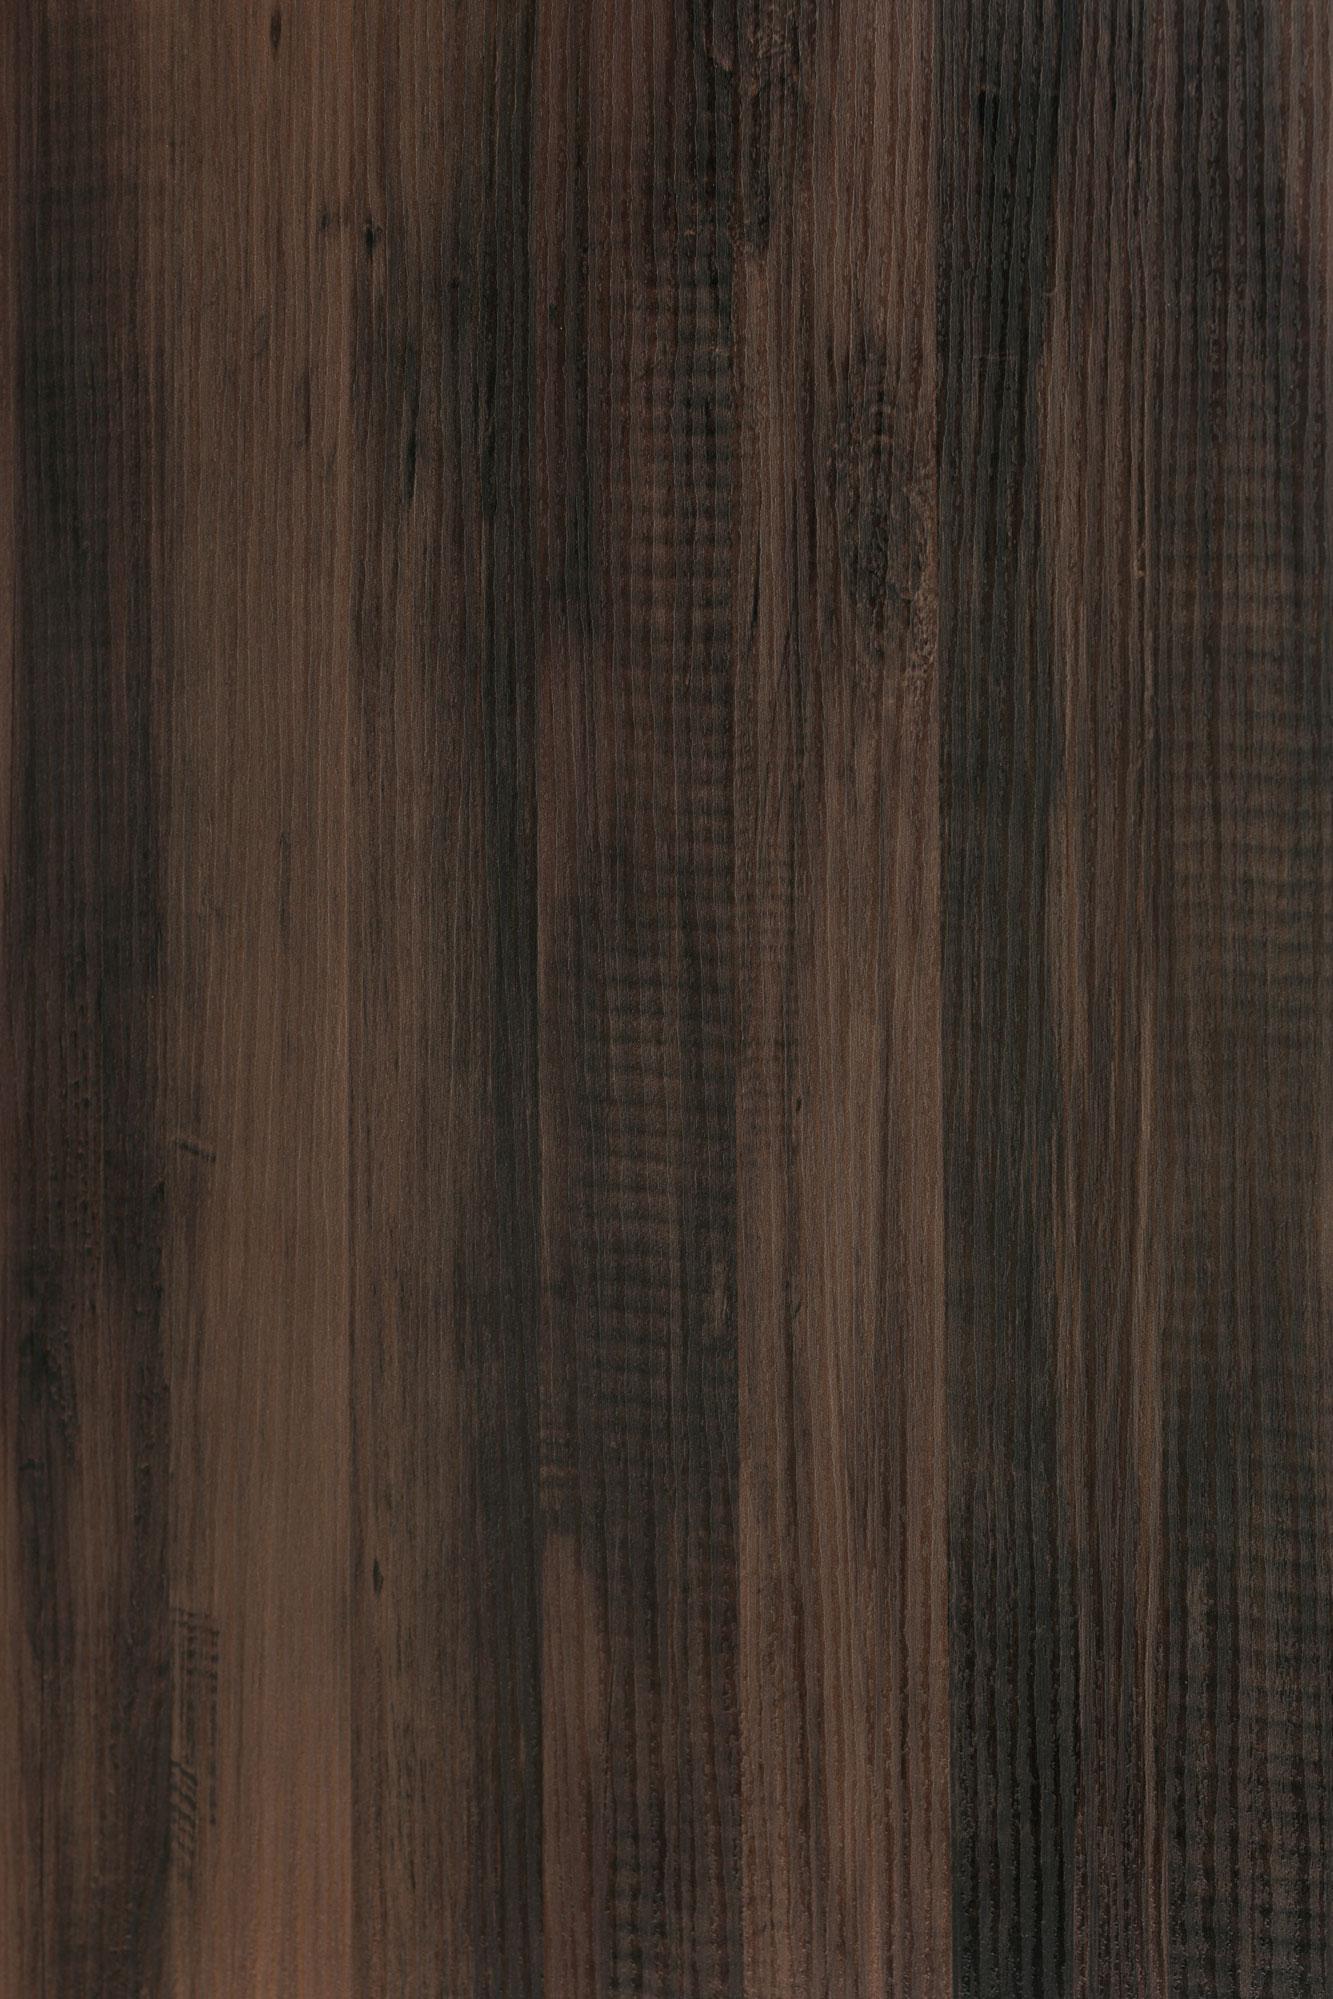 2821 RU Полинезийский дуб тёмный